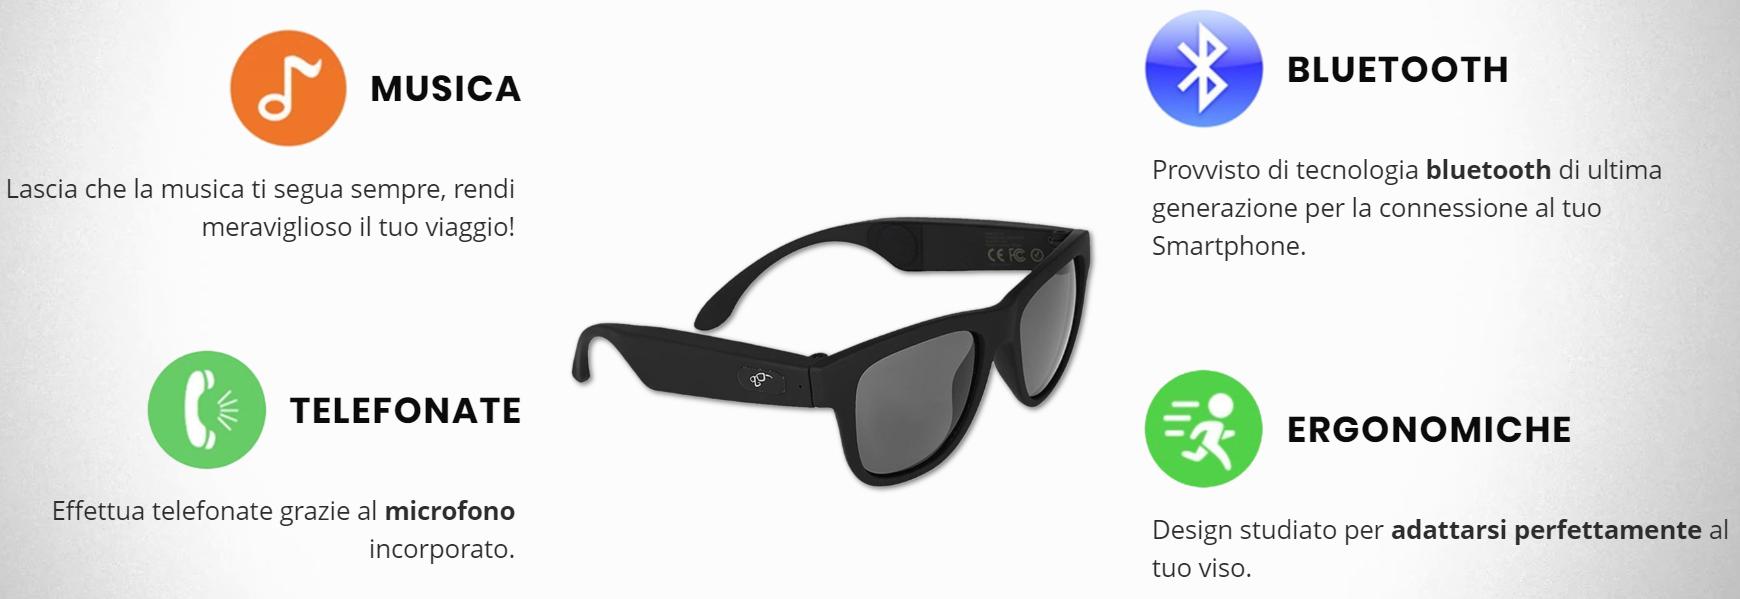 Recensione Smart Glasses